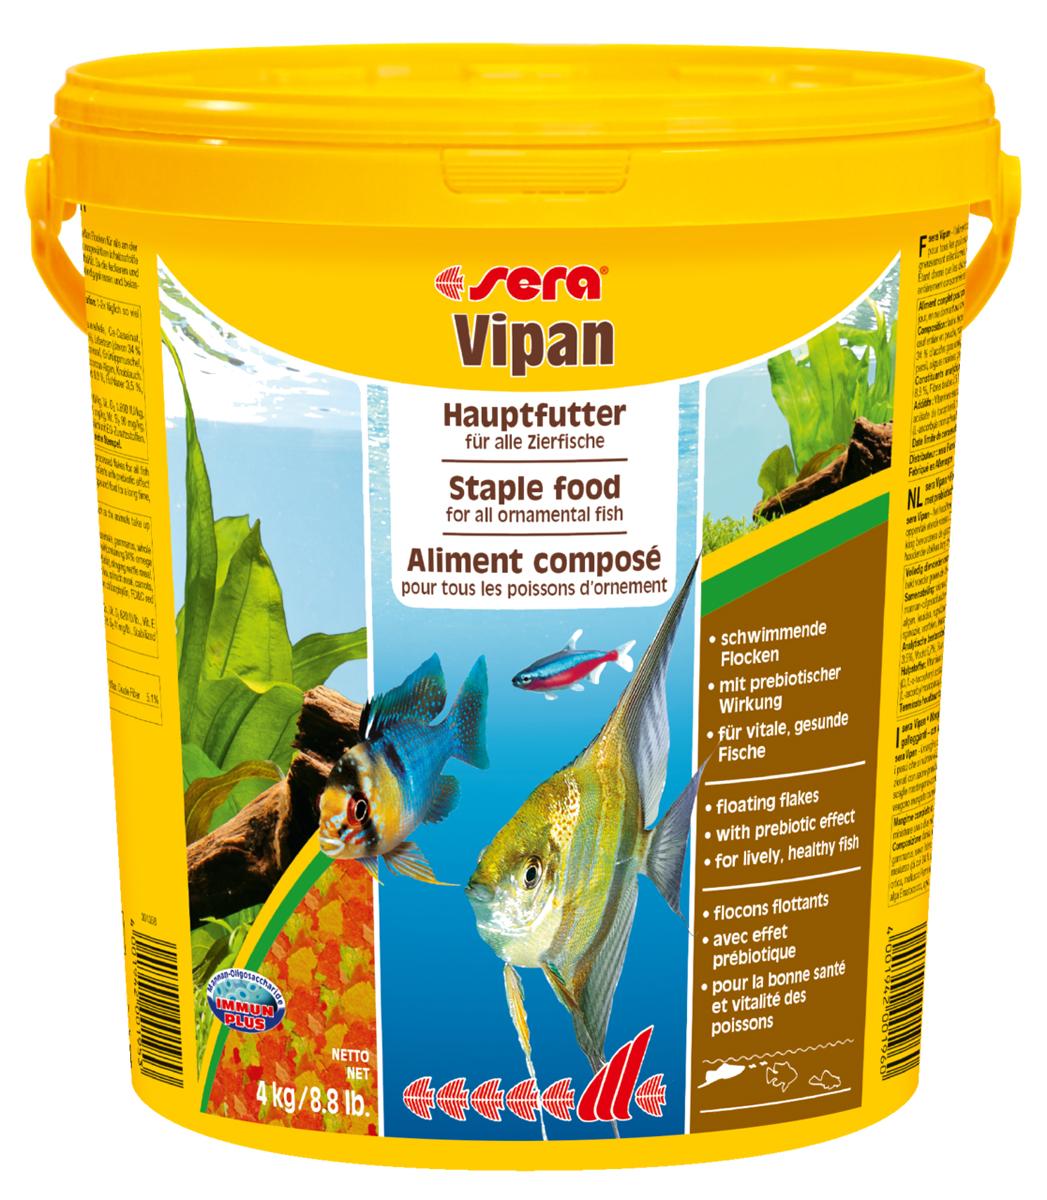 Корм для рыб Sera Vipan, 21 л (4 кг)0195Основной хлопьевидный корм для декоративных рыб в аквариумах со смешанным сообществом. Сбалансированный состав удовлетворяет потребности множества видов. Бережная обработка гарантирует сохранение ценных ингредиентов (например, жирных кислот Омега, витаминов и минералов). Метод его приготовления, применяемый фирмой sera, позволяет хлопьям сохранять свою форму в течение длительного времени, не загрязняя воду. Благодаря уникальной очень высокой степени измельчения, хлопья в тоже время очень нежны и поэтому охотно поедаются рыбой. Ингредиенты: рыбная мука, пшеничная мука, пивные дрожжи, казеинат кальция, гаммарус, яичный порошок, рыбий жир, маннан-олигосахарид (MOS 0,4%), спирулина, травы, люцерна, крапива, мука мука из зеленых губчатых молюсков, водоросли, зелень петрушки, перец, шпинат, чеснок, морковь. красители, разрешенные в ЕС. Кач. состав на кг: протеины 46,2%, жиры: 8,9%, клетчатка: 2,3%, зола: 11,9%, влажность: 6,7%, Вит А: 37000МЕ, Вит В1: 35мг, Вит В2: 90мг, Вит С: 550мг, Вит...